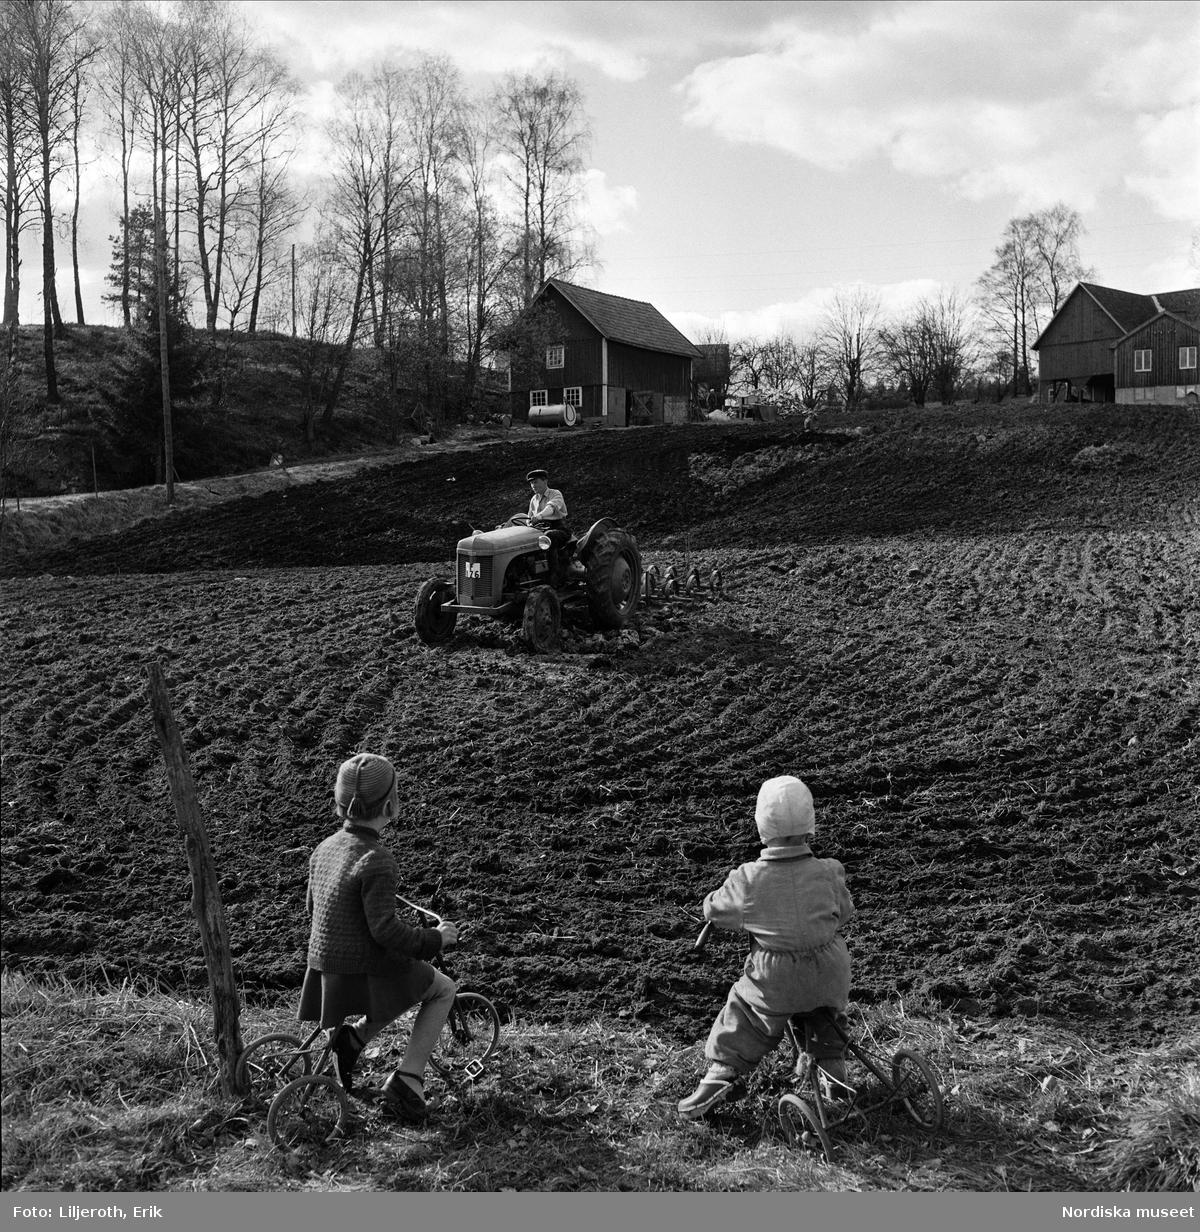 Vårbruk på en småländsk åker. En lantbrukare harvar med traktor (c-pinnharv). I förgrunden två små barn på varsin trehjuling.